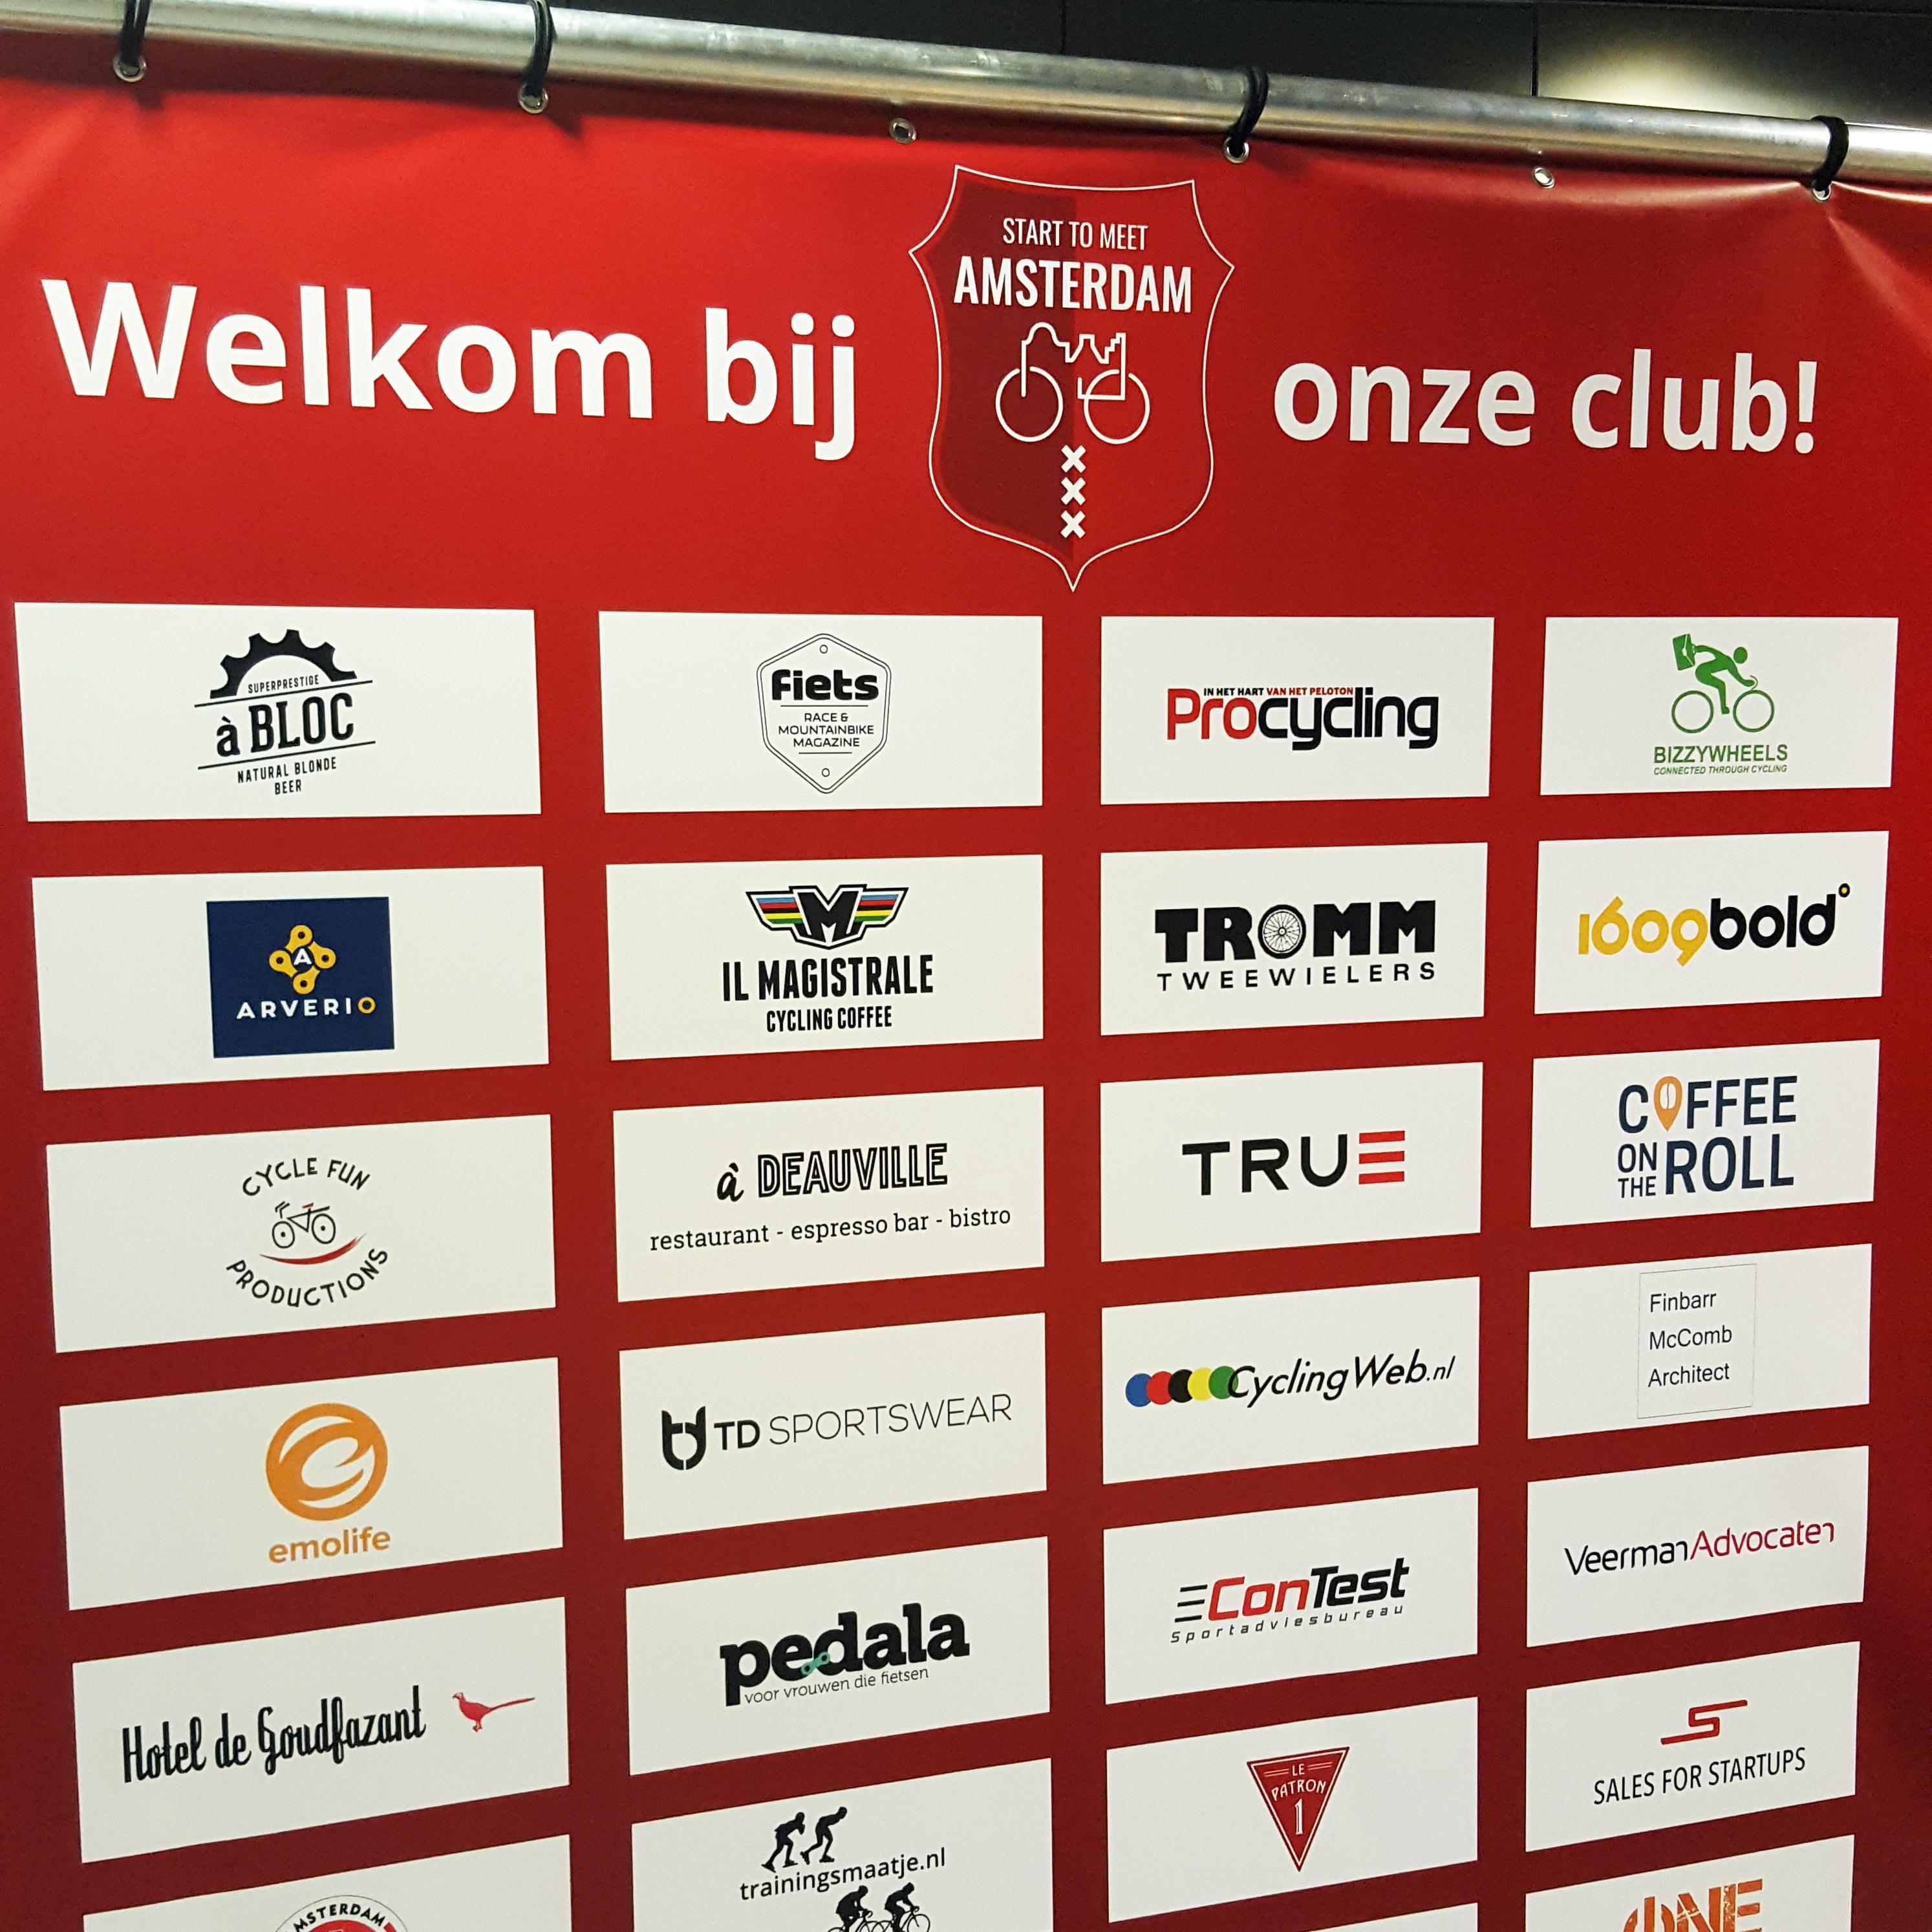 BizzyWheels is sponsor van Start to meet Amsterdam